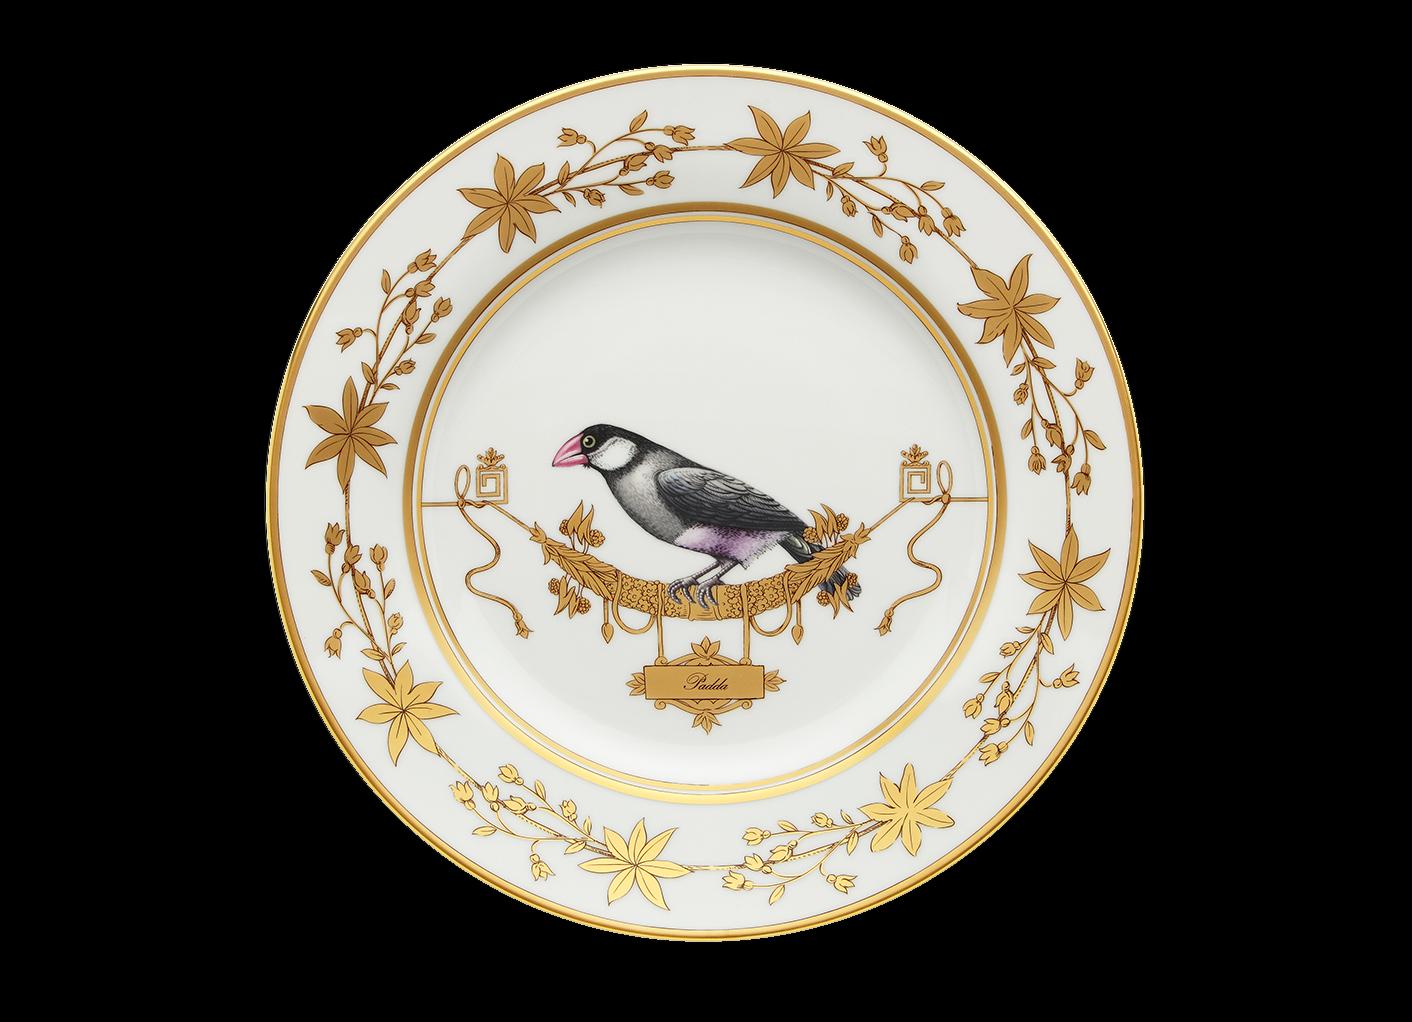 Richard Ginori Voliere flache Platte Deko Java Java Java Sparrow Ø cm 26,5 Einzelhändler | Zuverlässiger Ruf  33b54e